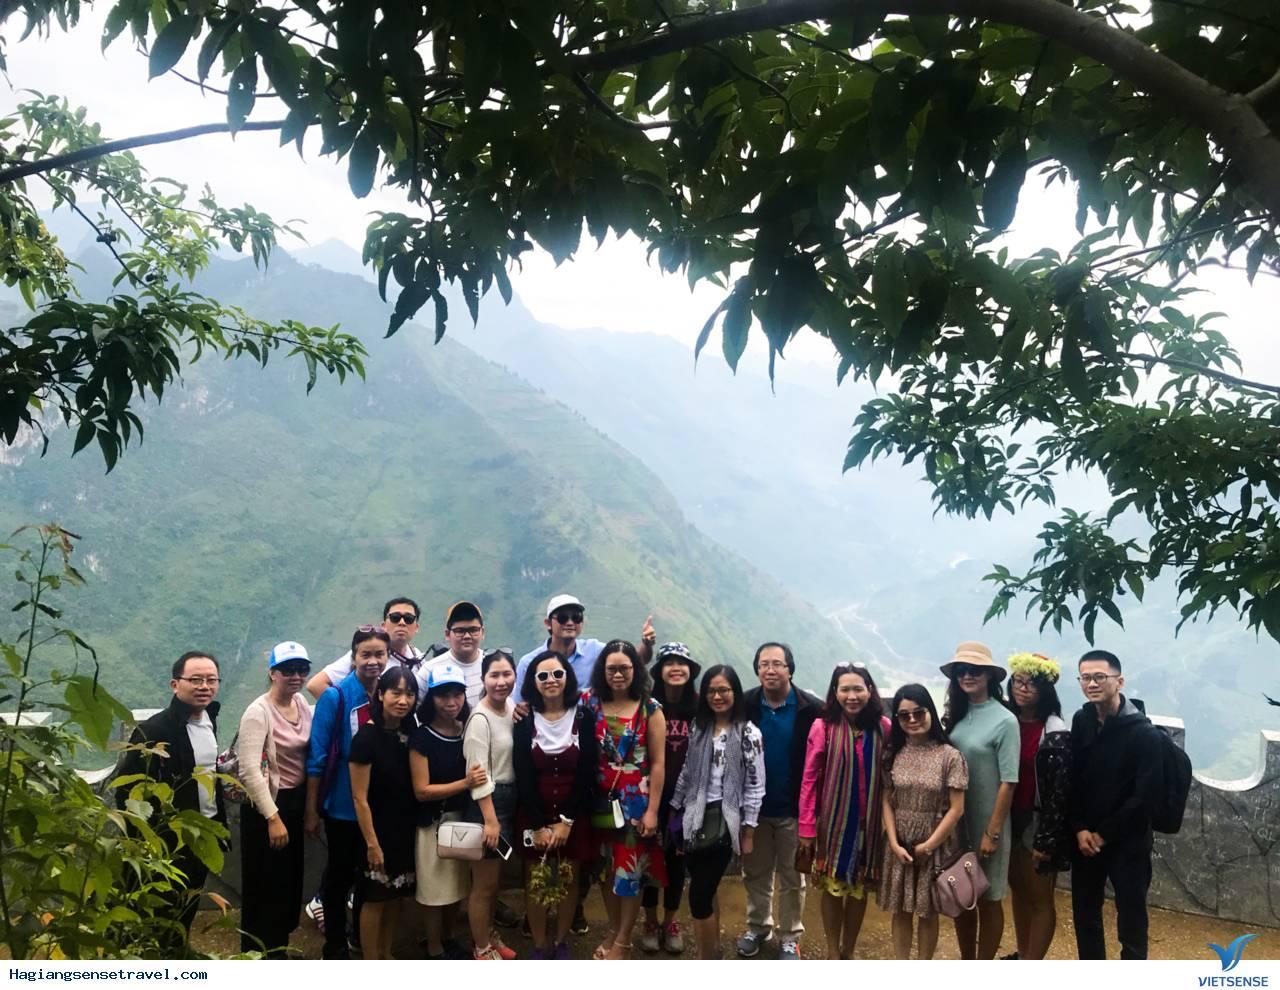 Hình Ảnh Đoàn Tour Hà Giang - Đồng Văn - Lũng Cú Ngày 5 - 7/10/2018